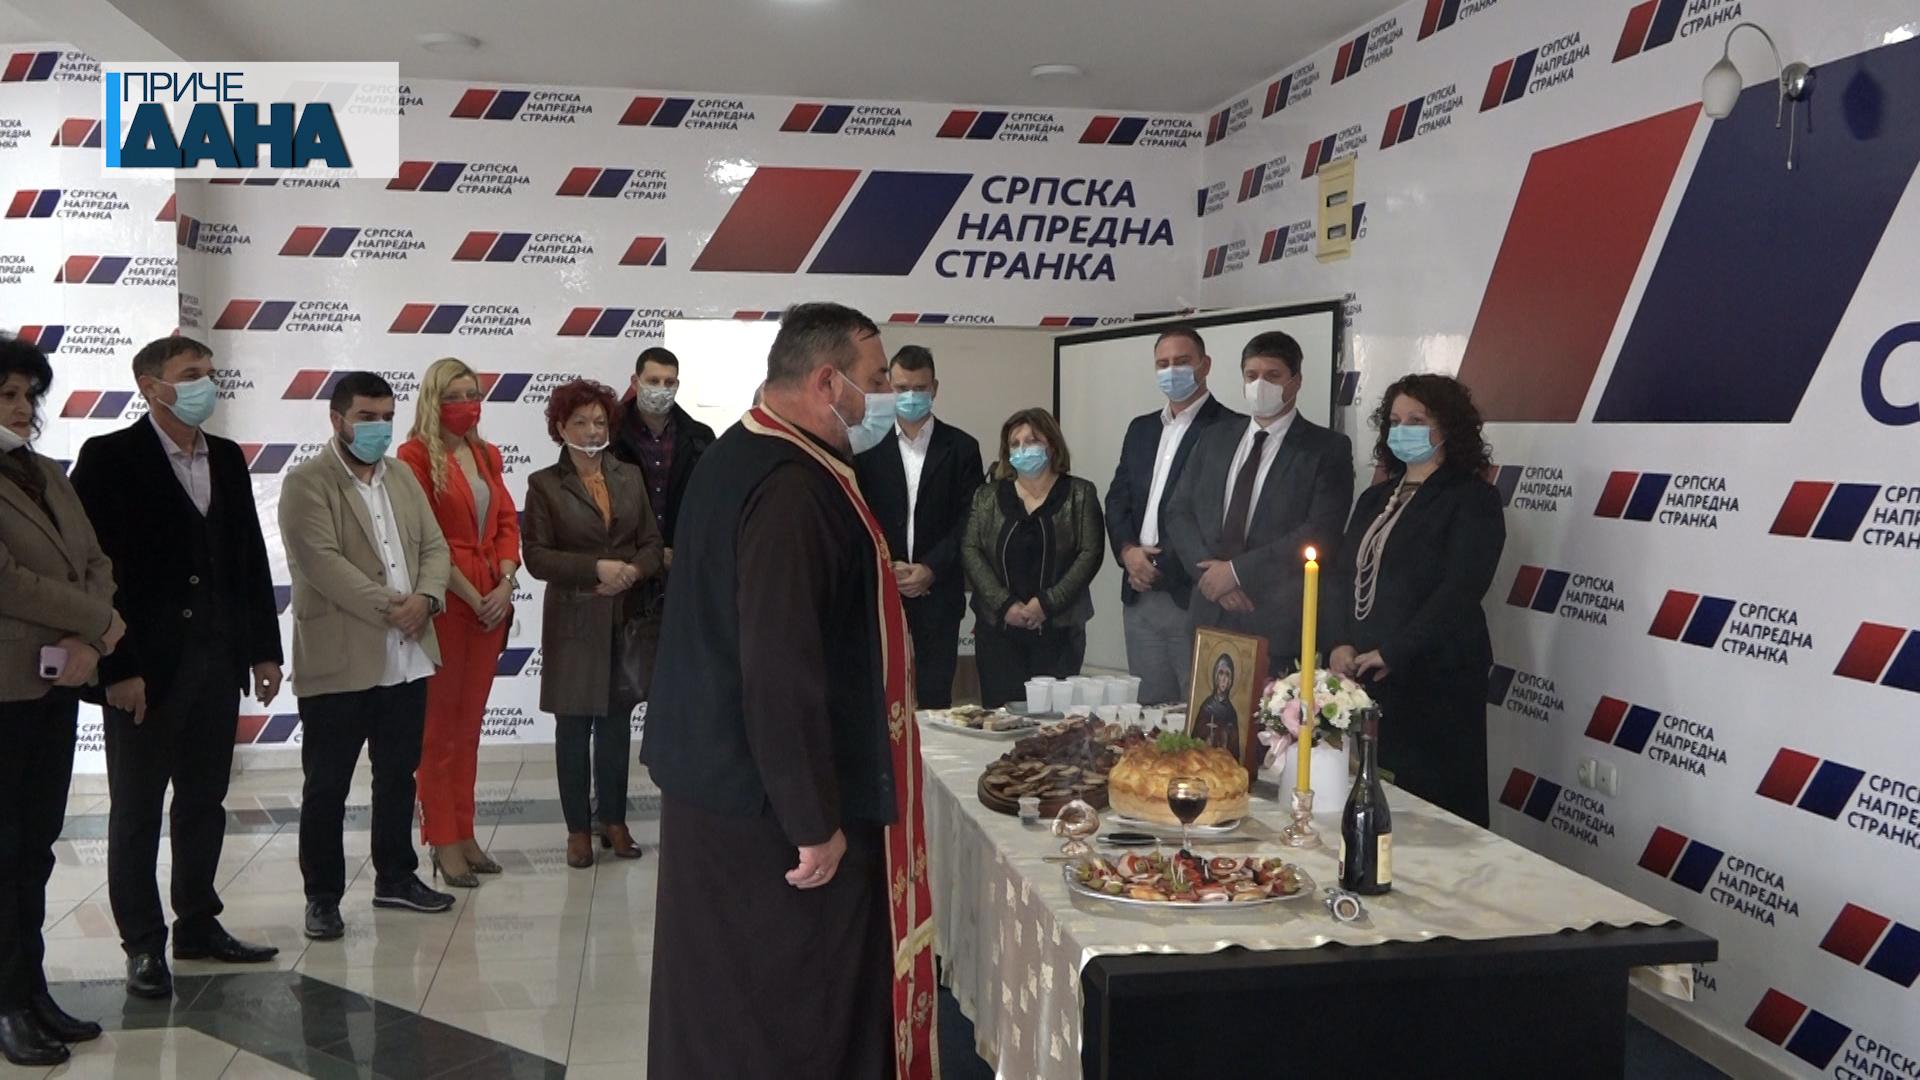 Obeležavanje krsne slave Srpske napredne stranke u Paraćinu